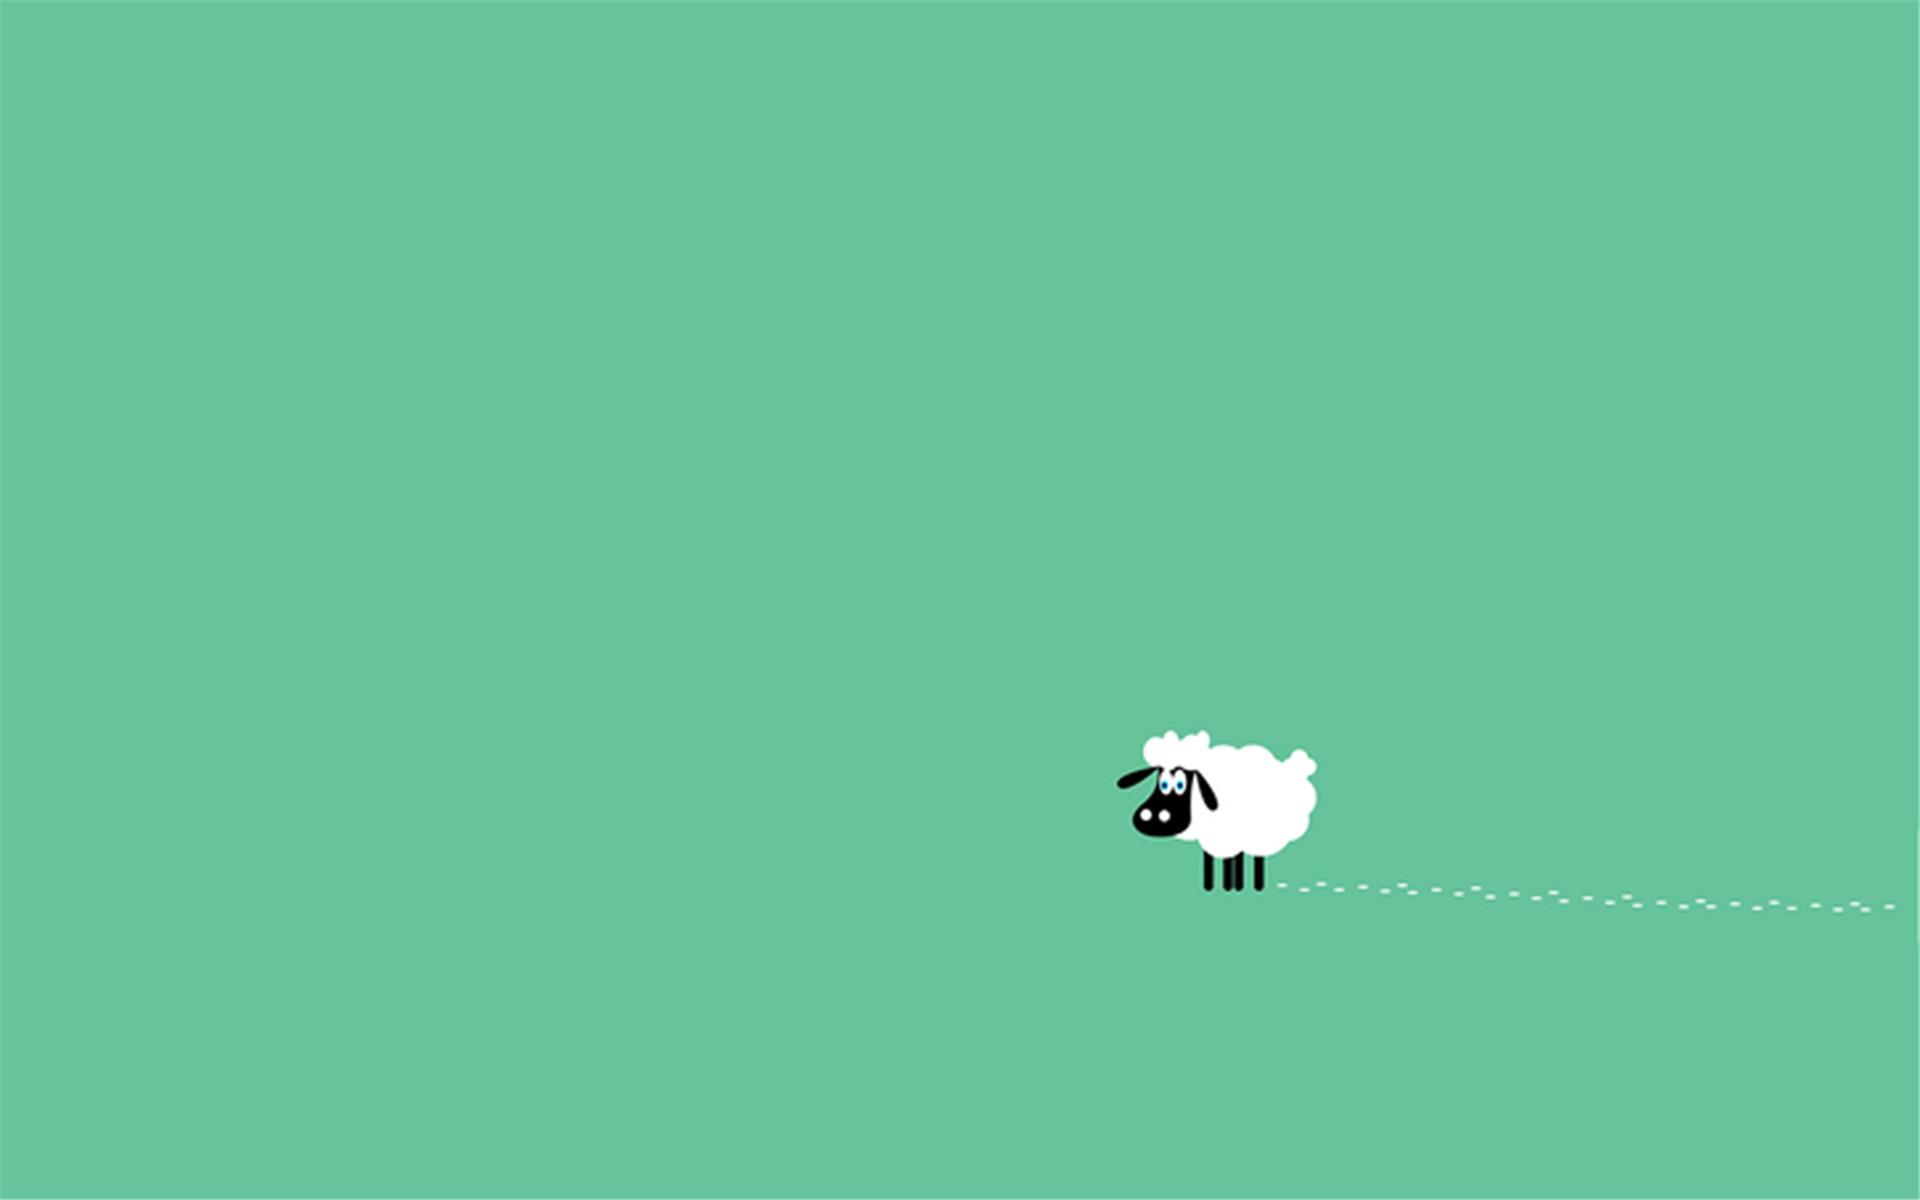 简单的卡通图案可爱绵羊ppt背景图片下载